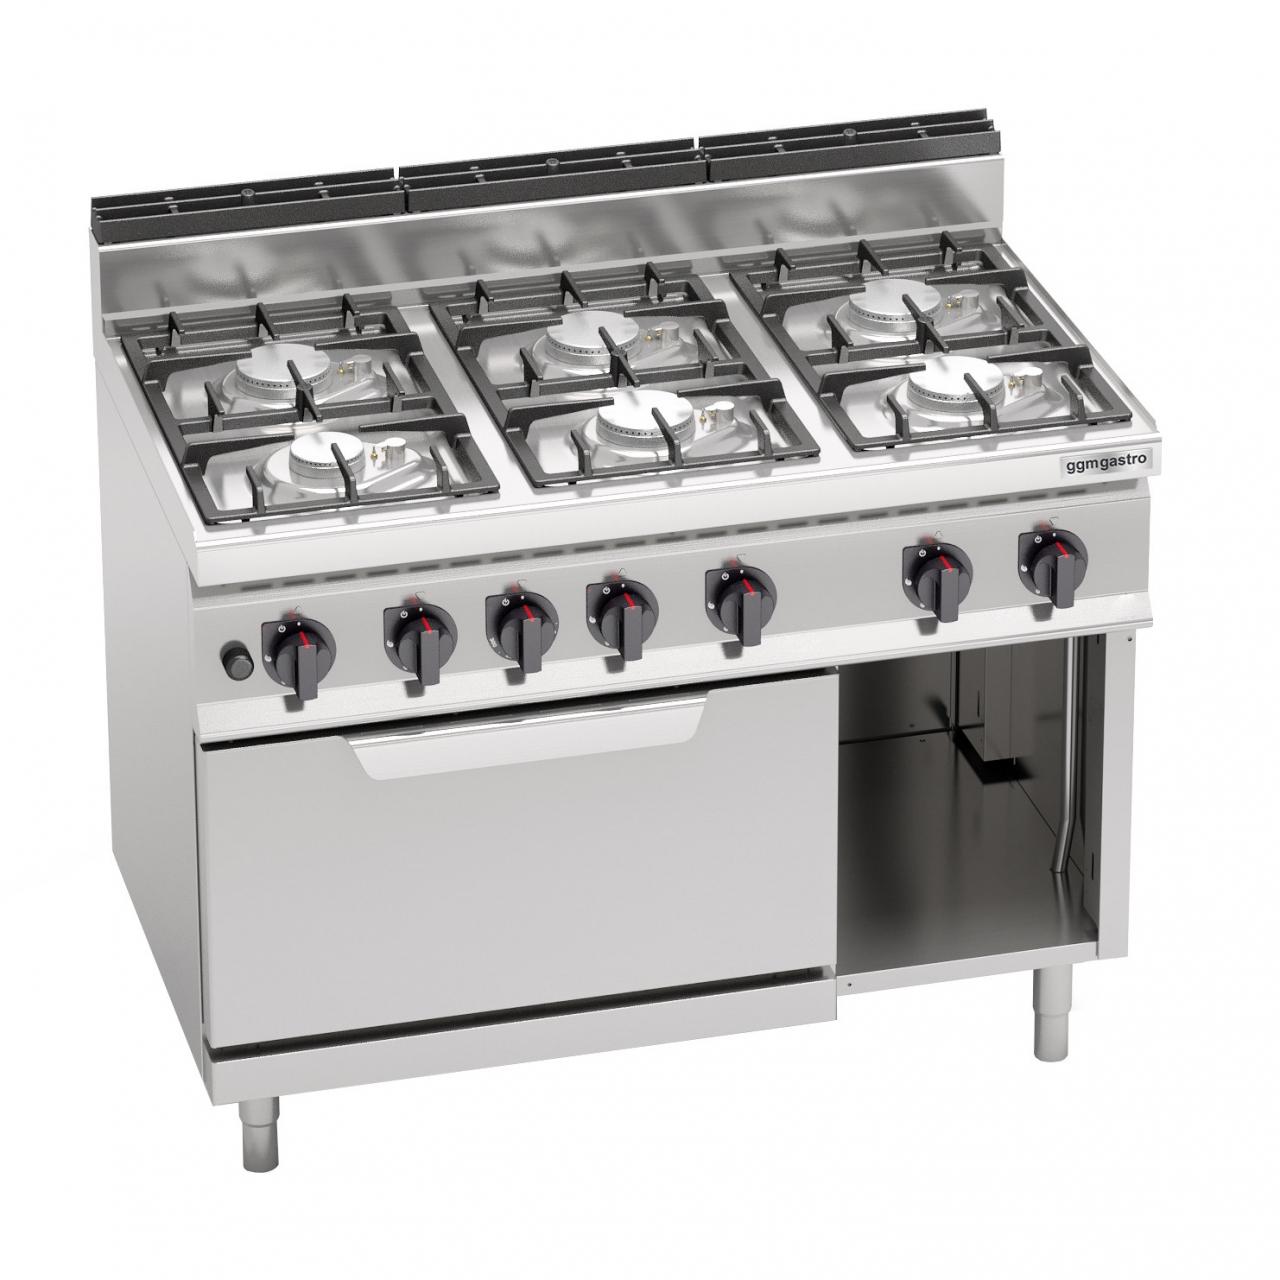 Gas stove 6 burners 33.5kW + Oven 7.8kW